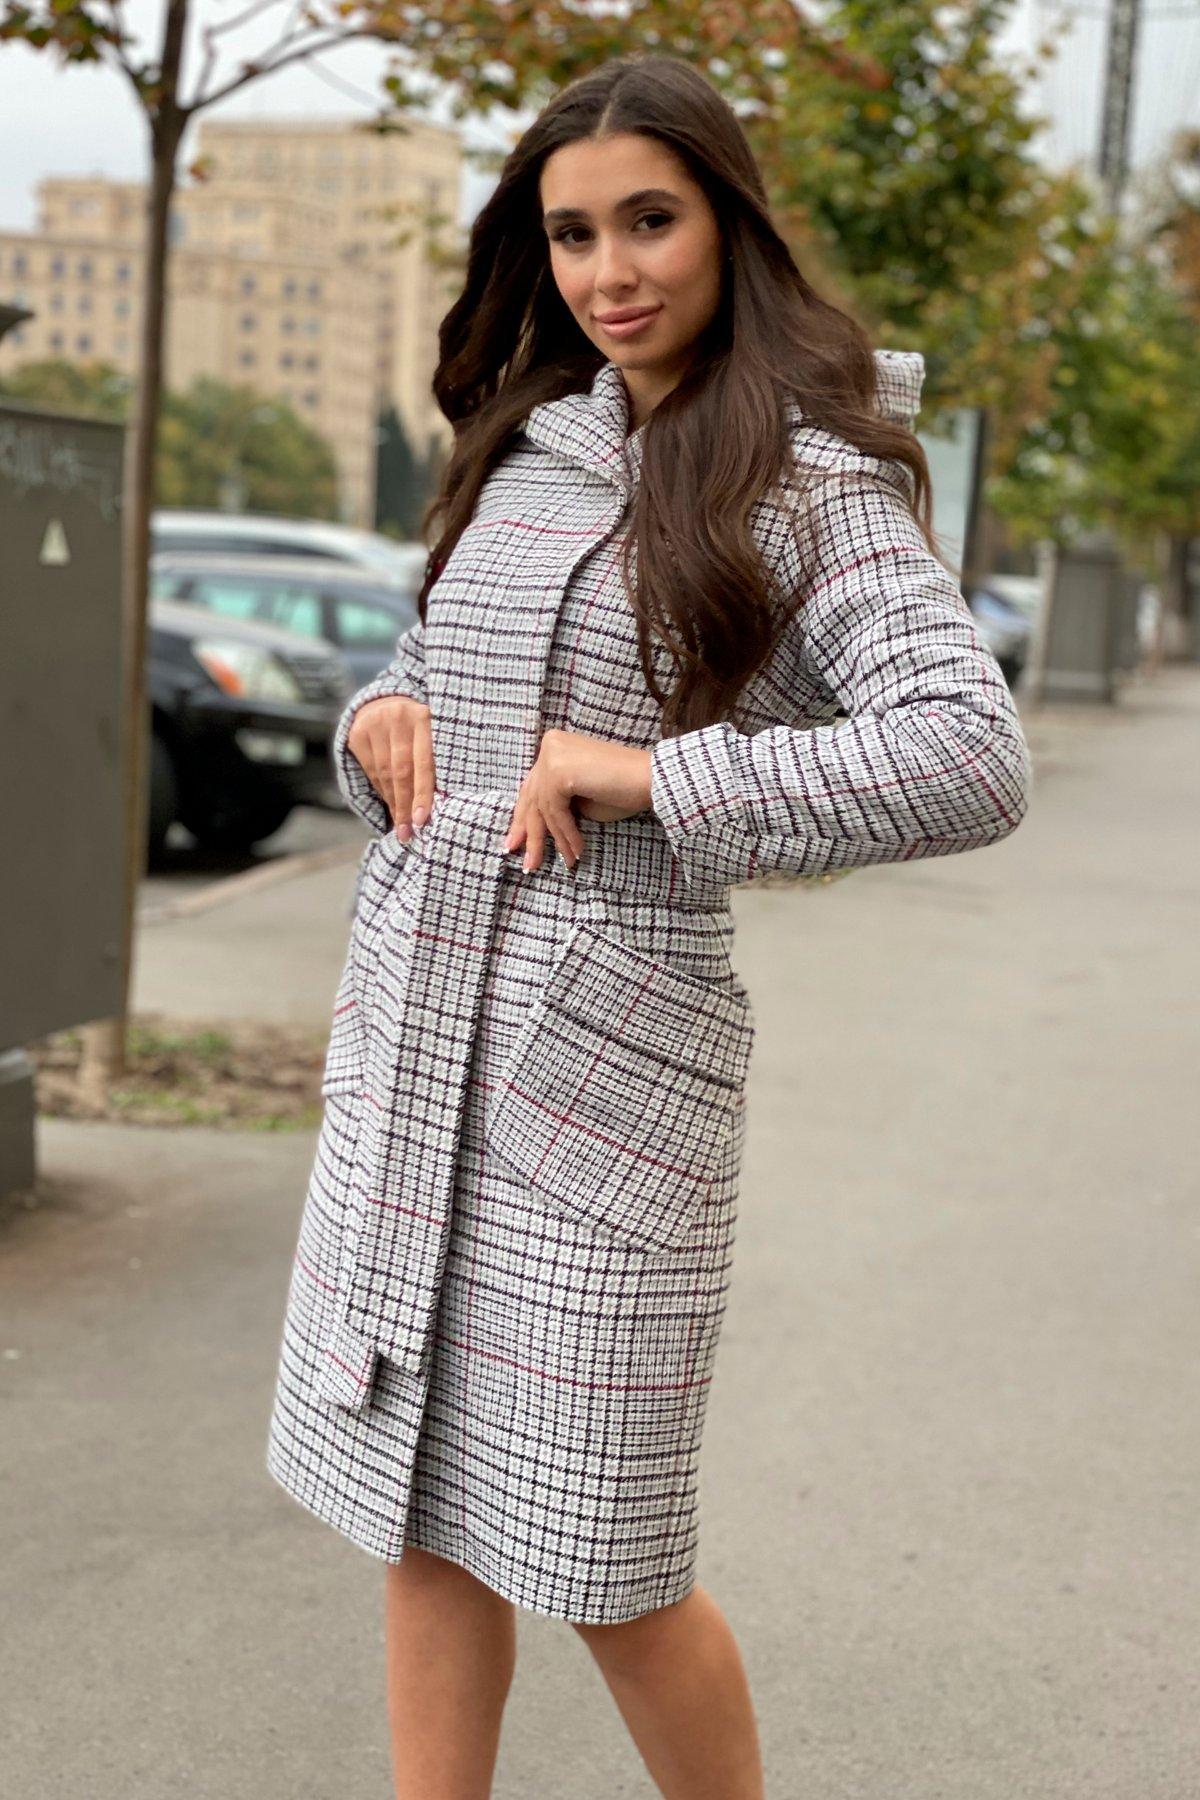 Зимнее пальто в стильную клетку Анджи 8276 АРТ. 44724 Цвет: Клетка кр черн/сер/вин - фото 8, интернет магазин tm-modus.ru